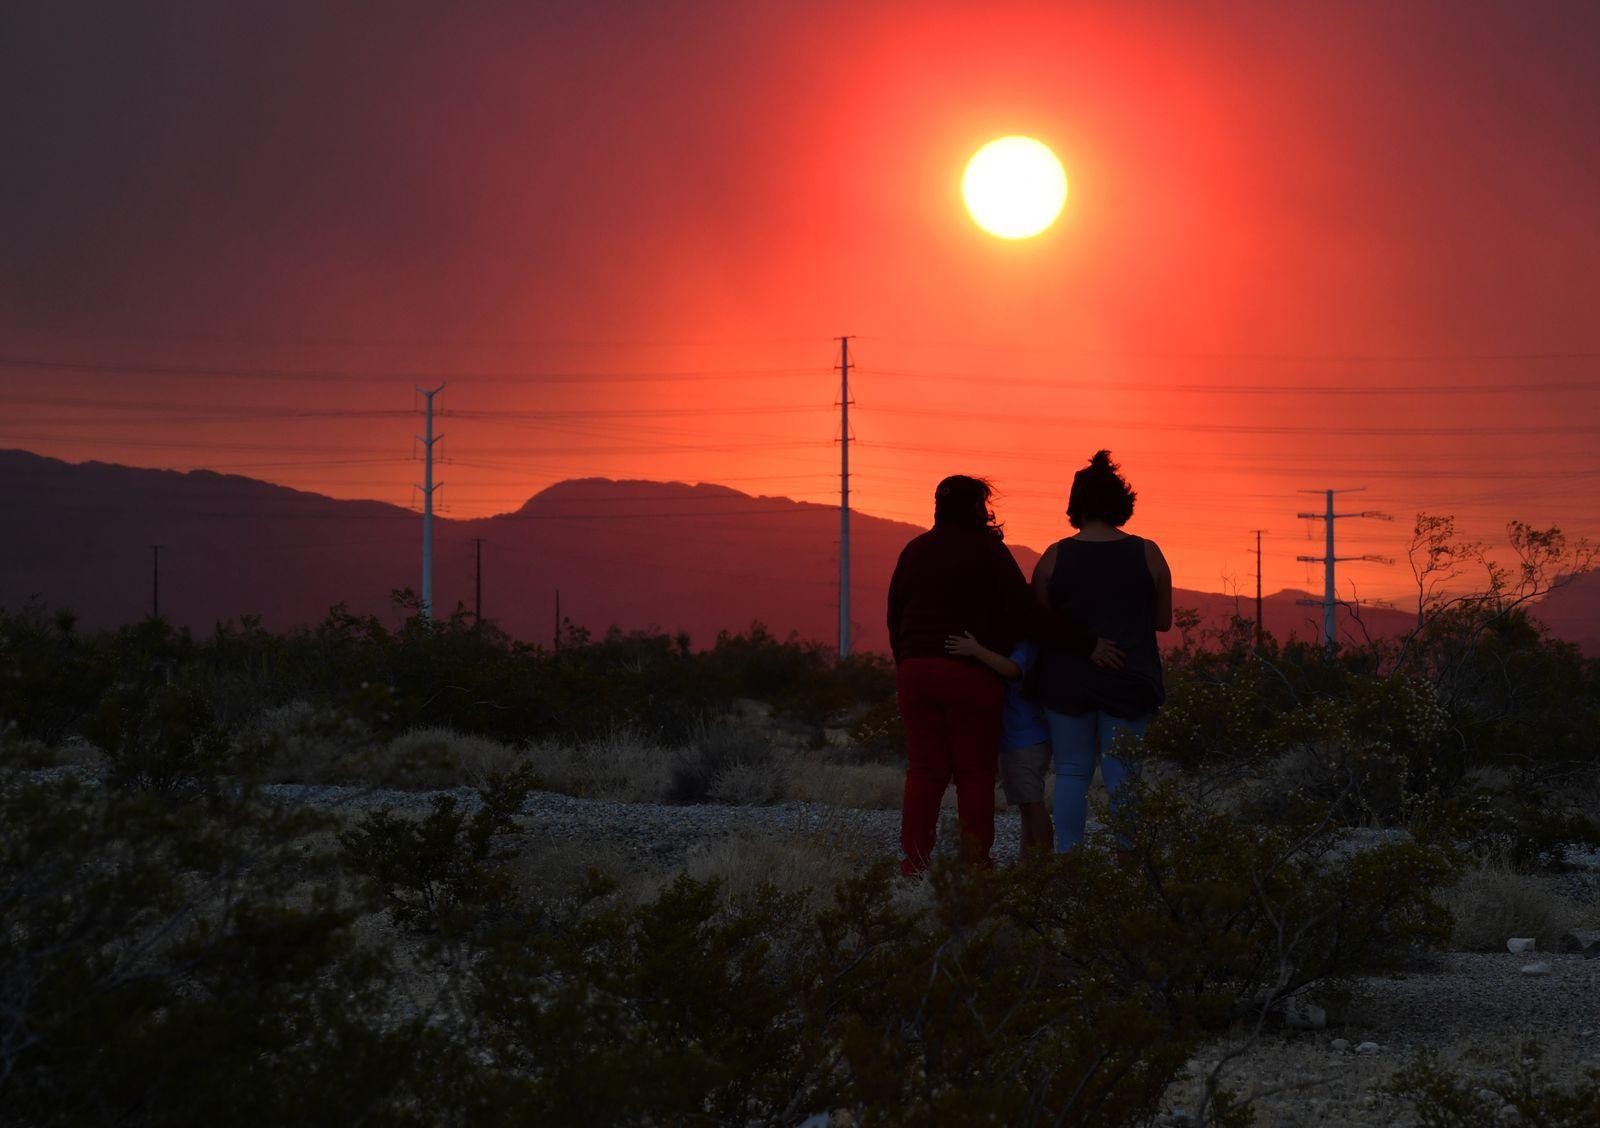 *** BESTPIX *** Wildfire Burns On Mount Charleston In Nevada